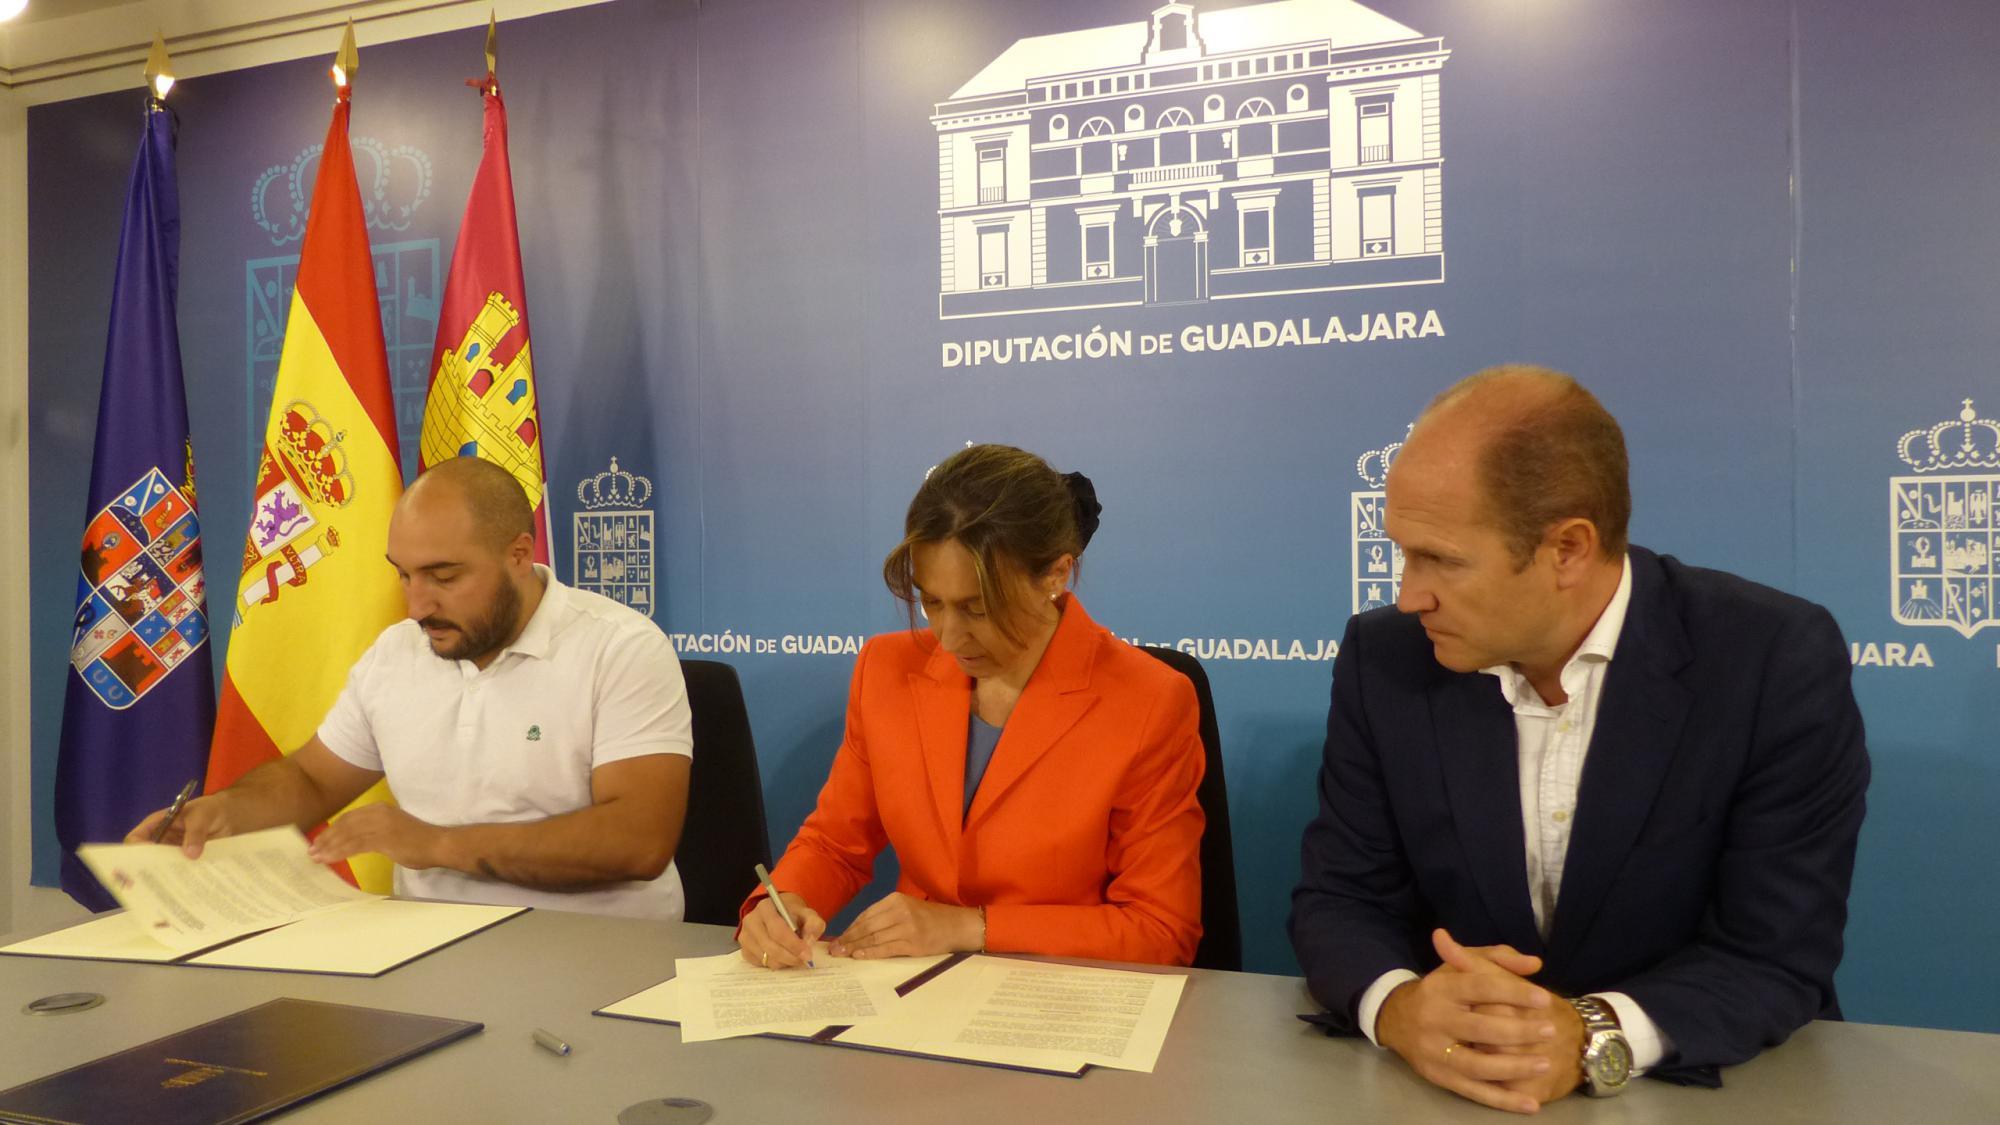 La Diputación brinda su colaboración y apoyo a los deportistas del Club Alcarreño de Salvamento y Socorrismo